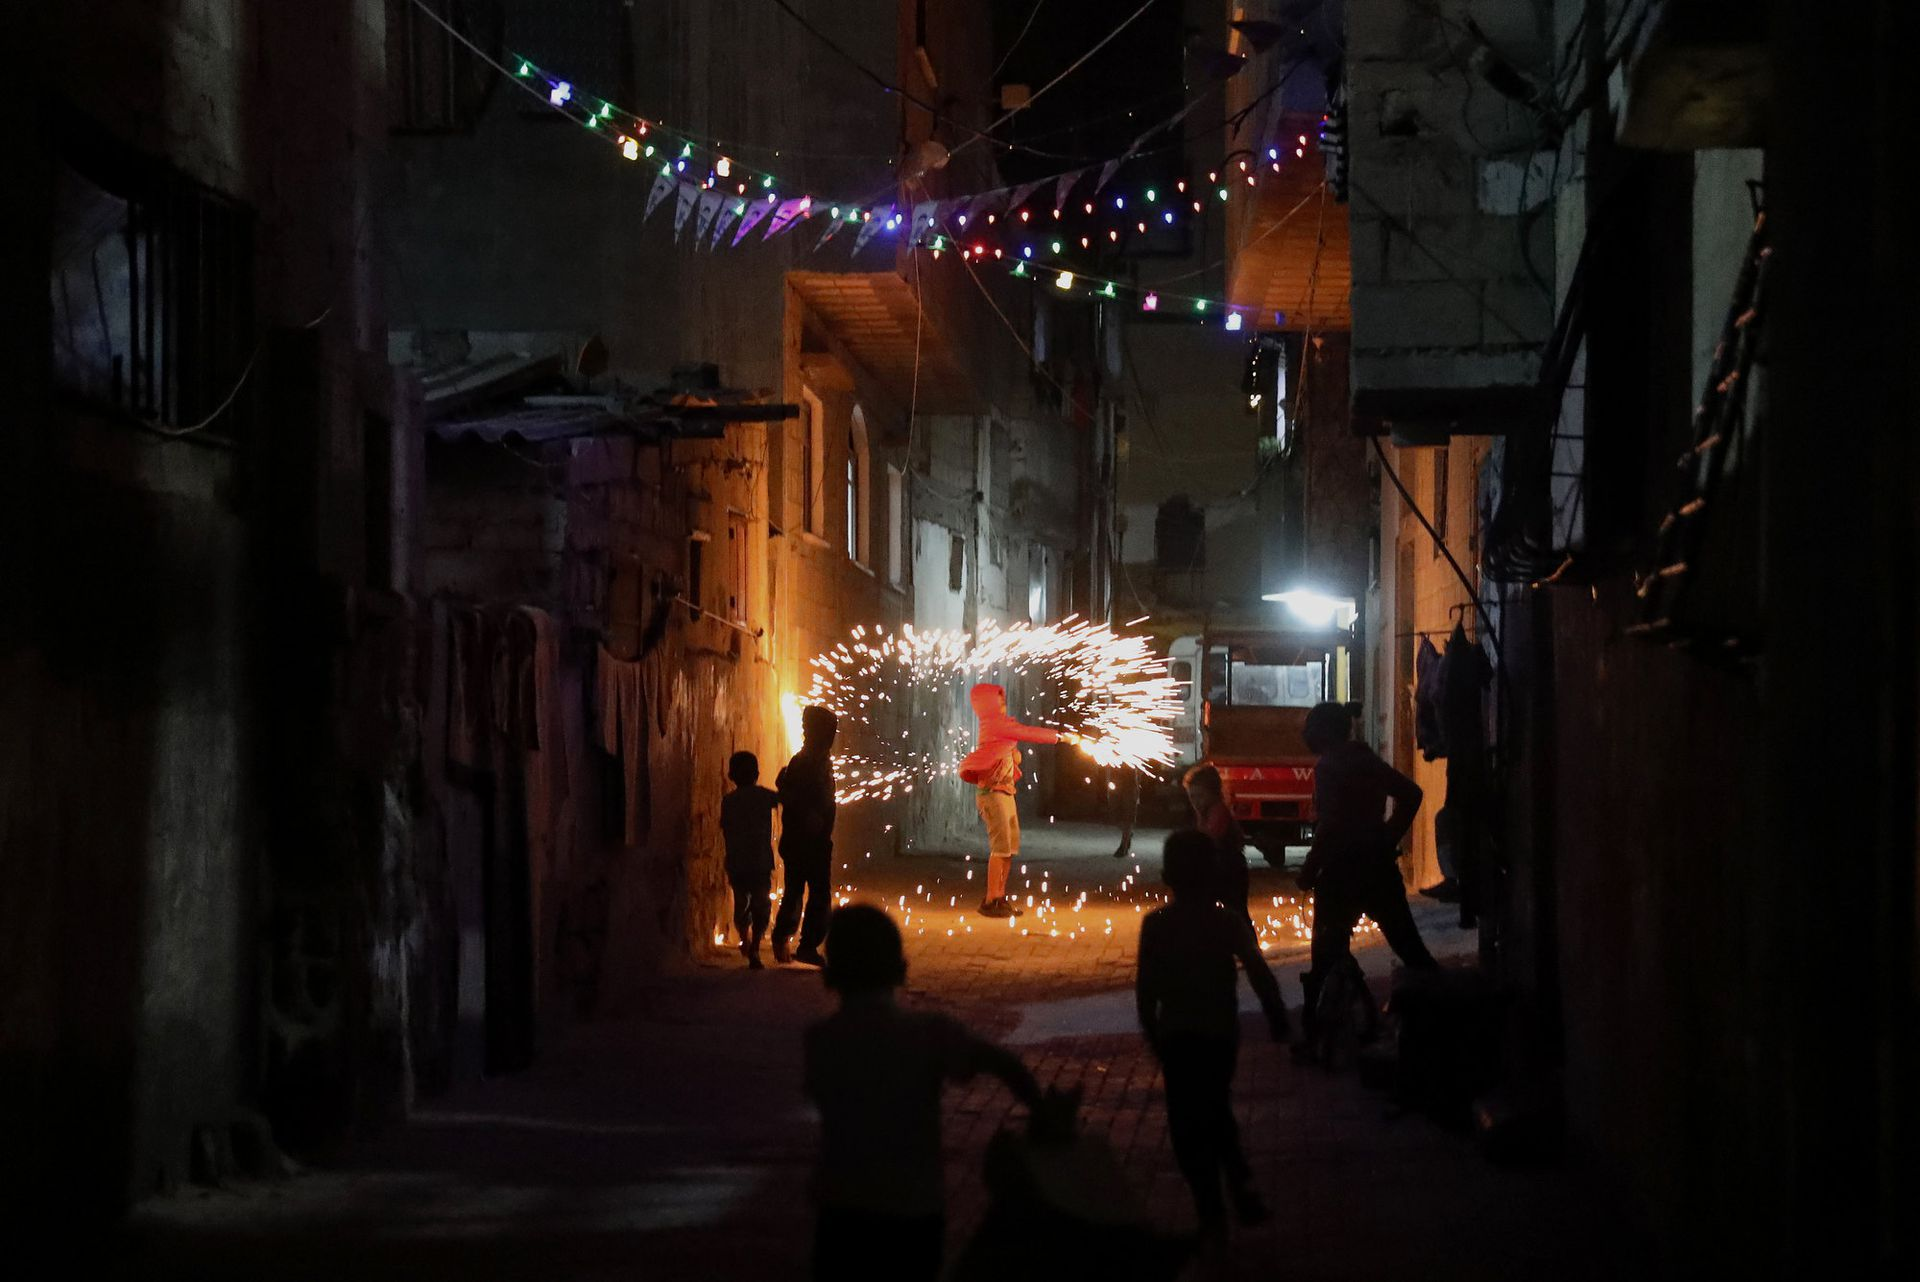 Este martes 20 de abril, un grupo de niños juega con fuegos artificiales, a lo largo de un callejón en la ciudad de Gaza, mientras celebran frente a las casas de sus familias